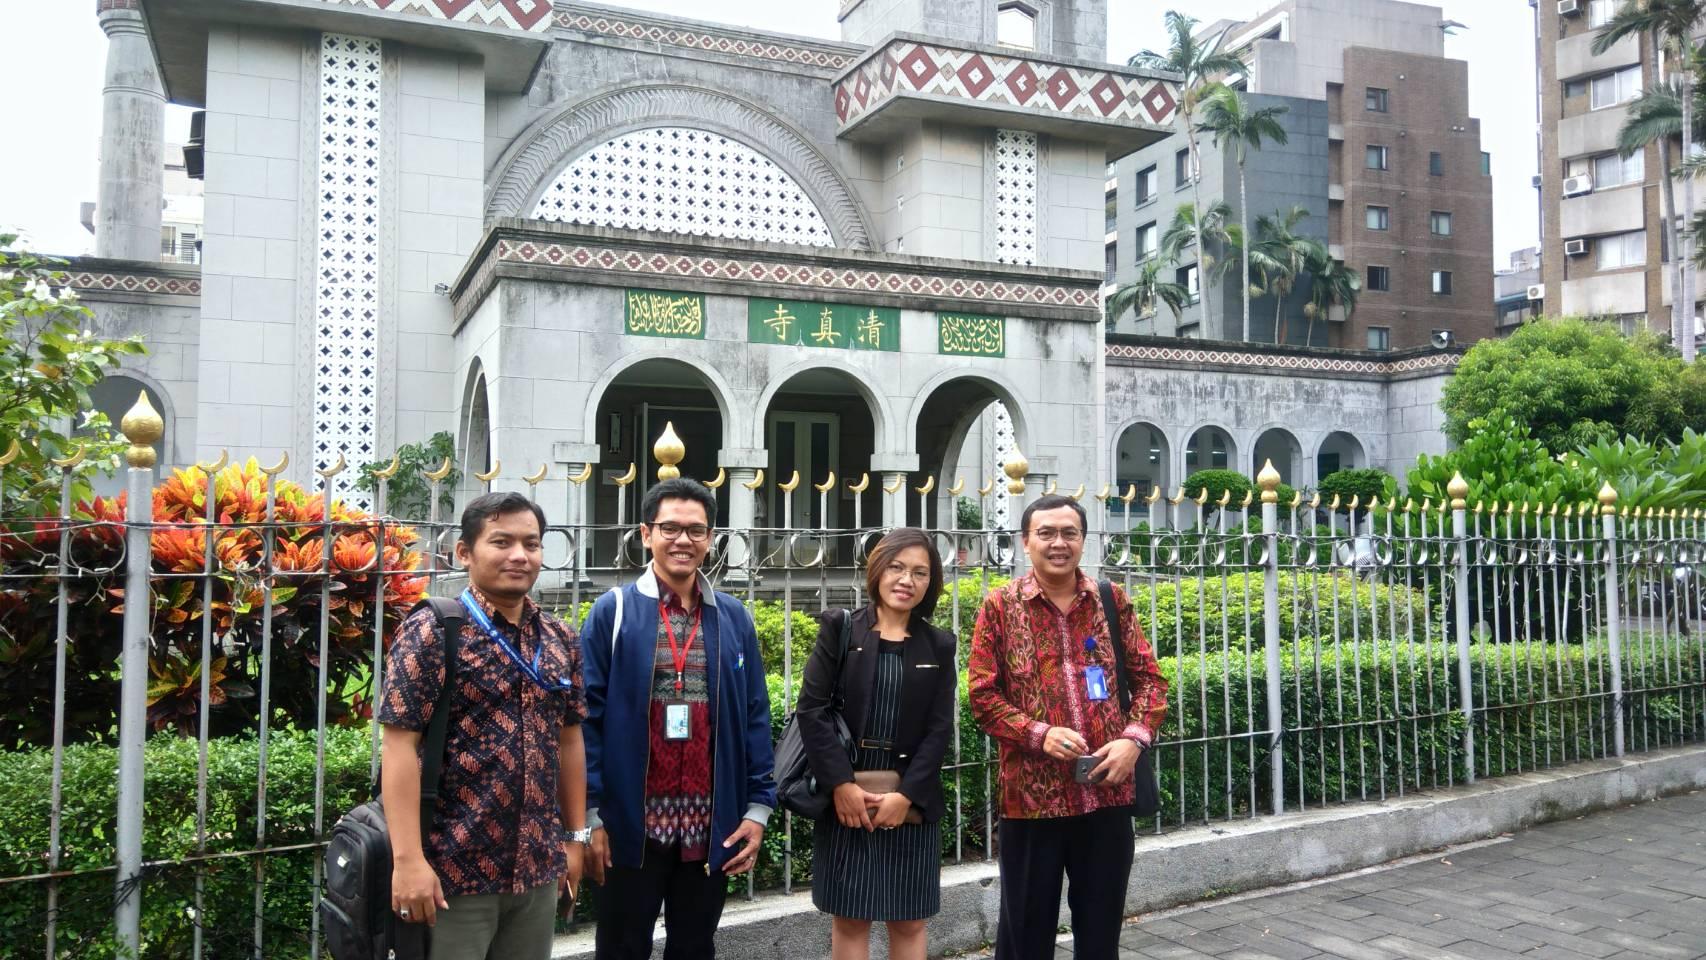 Kunjungan pak Subi Sudarto dan pak R. Putra Maha Muda ke Grand Mosque Taipei di sela pengawasan UNBK 2017 di Taiwan (dari kiri: pak Putra; Pelaksana Tugas Ketua PKBM PPI Taiwan; penanggung jawab CLC BJI; dan pak Subi Sudarto)